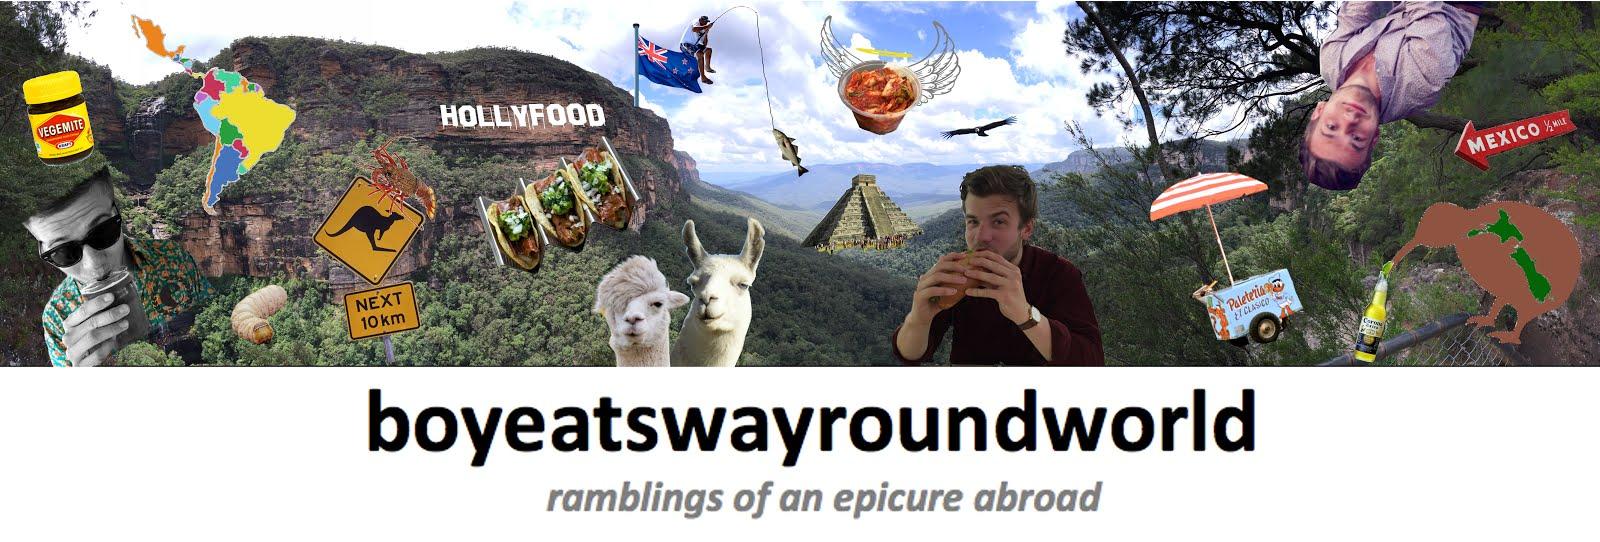 boyeatswayroundworld